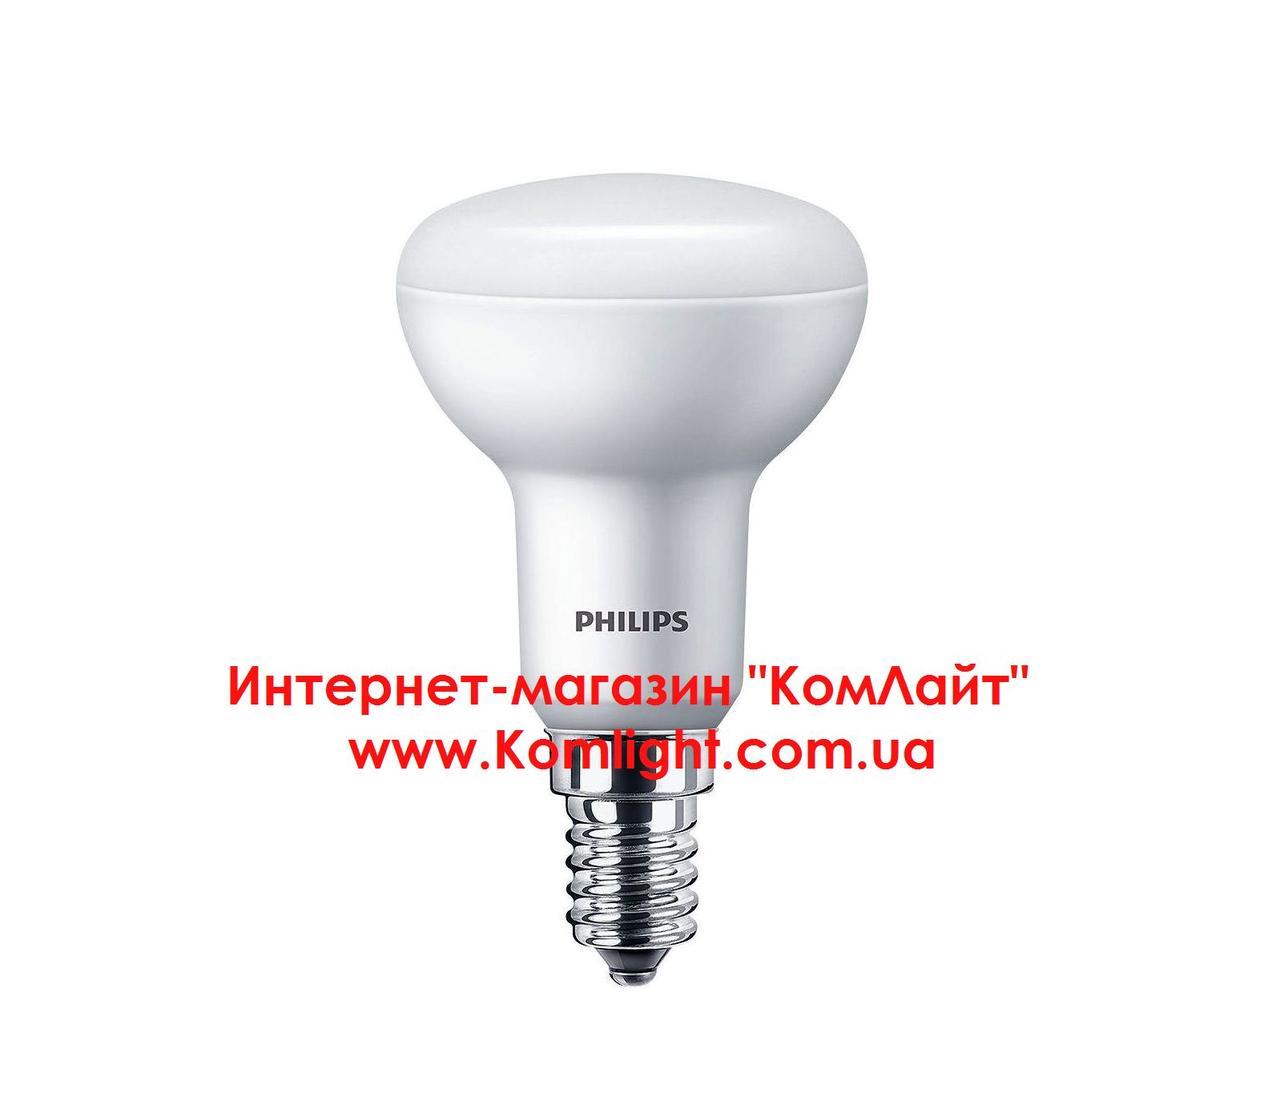 Лампа светодиодная PHILIPS ESS LED 4W E14 6500K 230V R50 рефлекторная